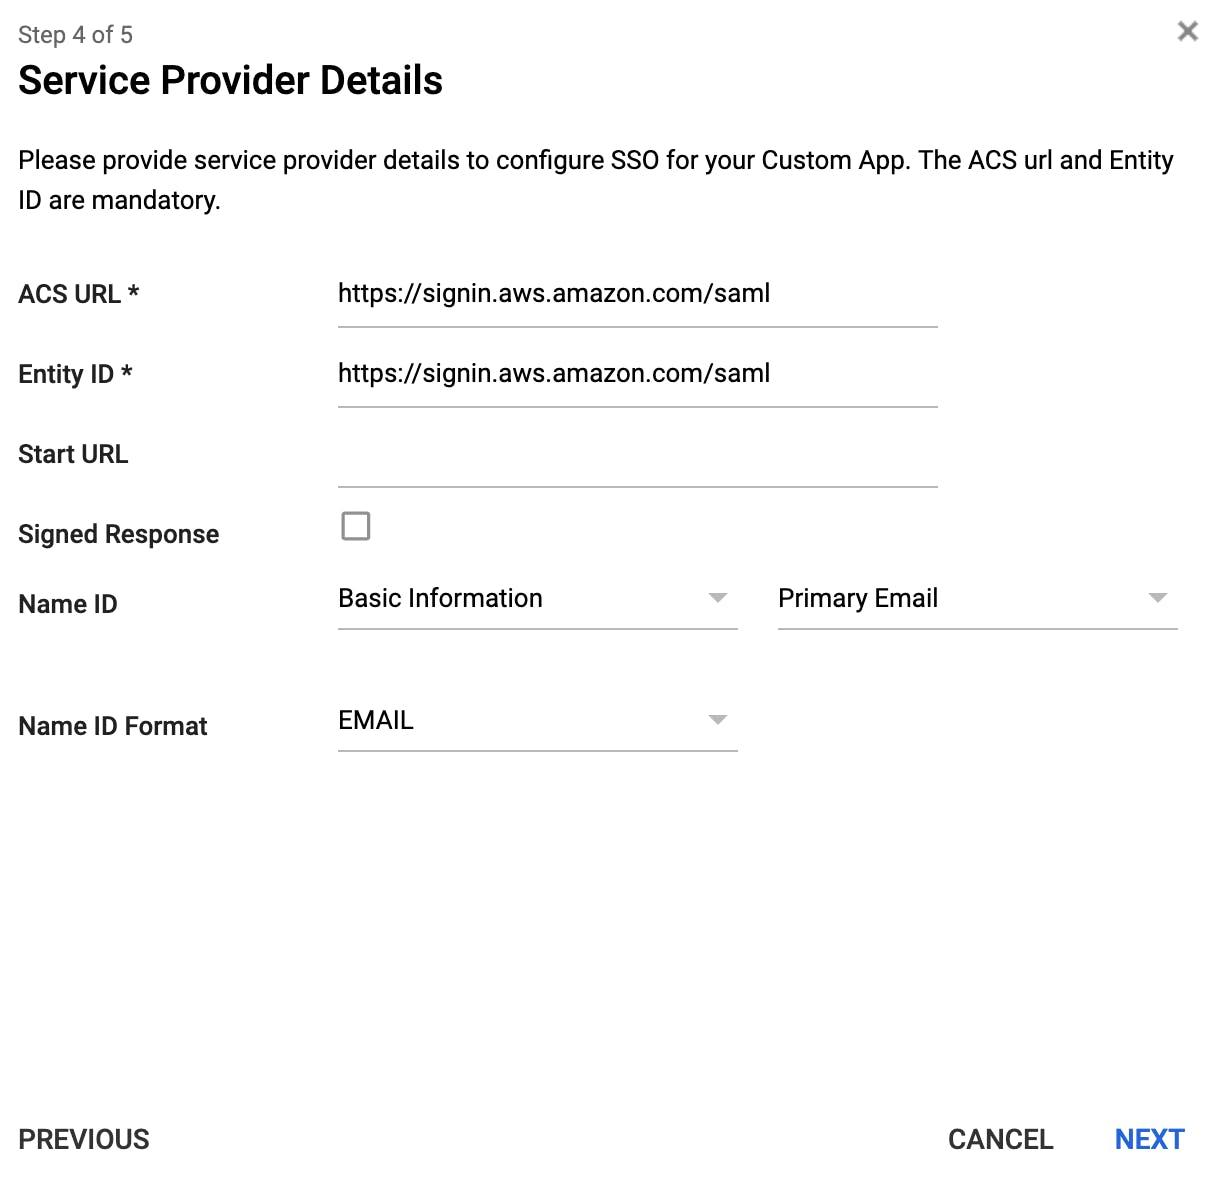 SERVICE_PROVIDER_DETAILS